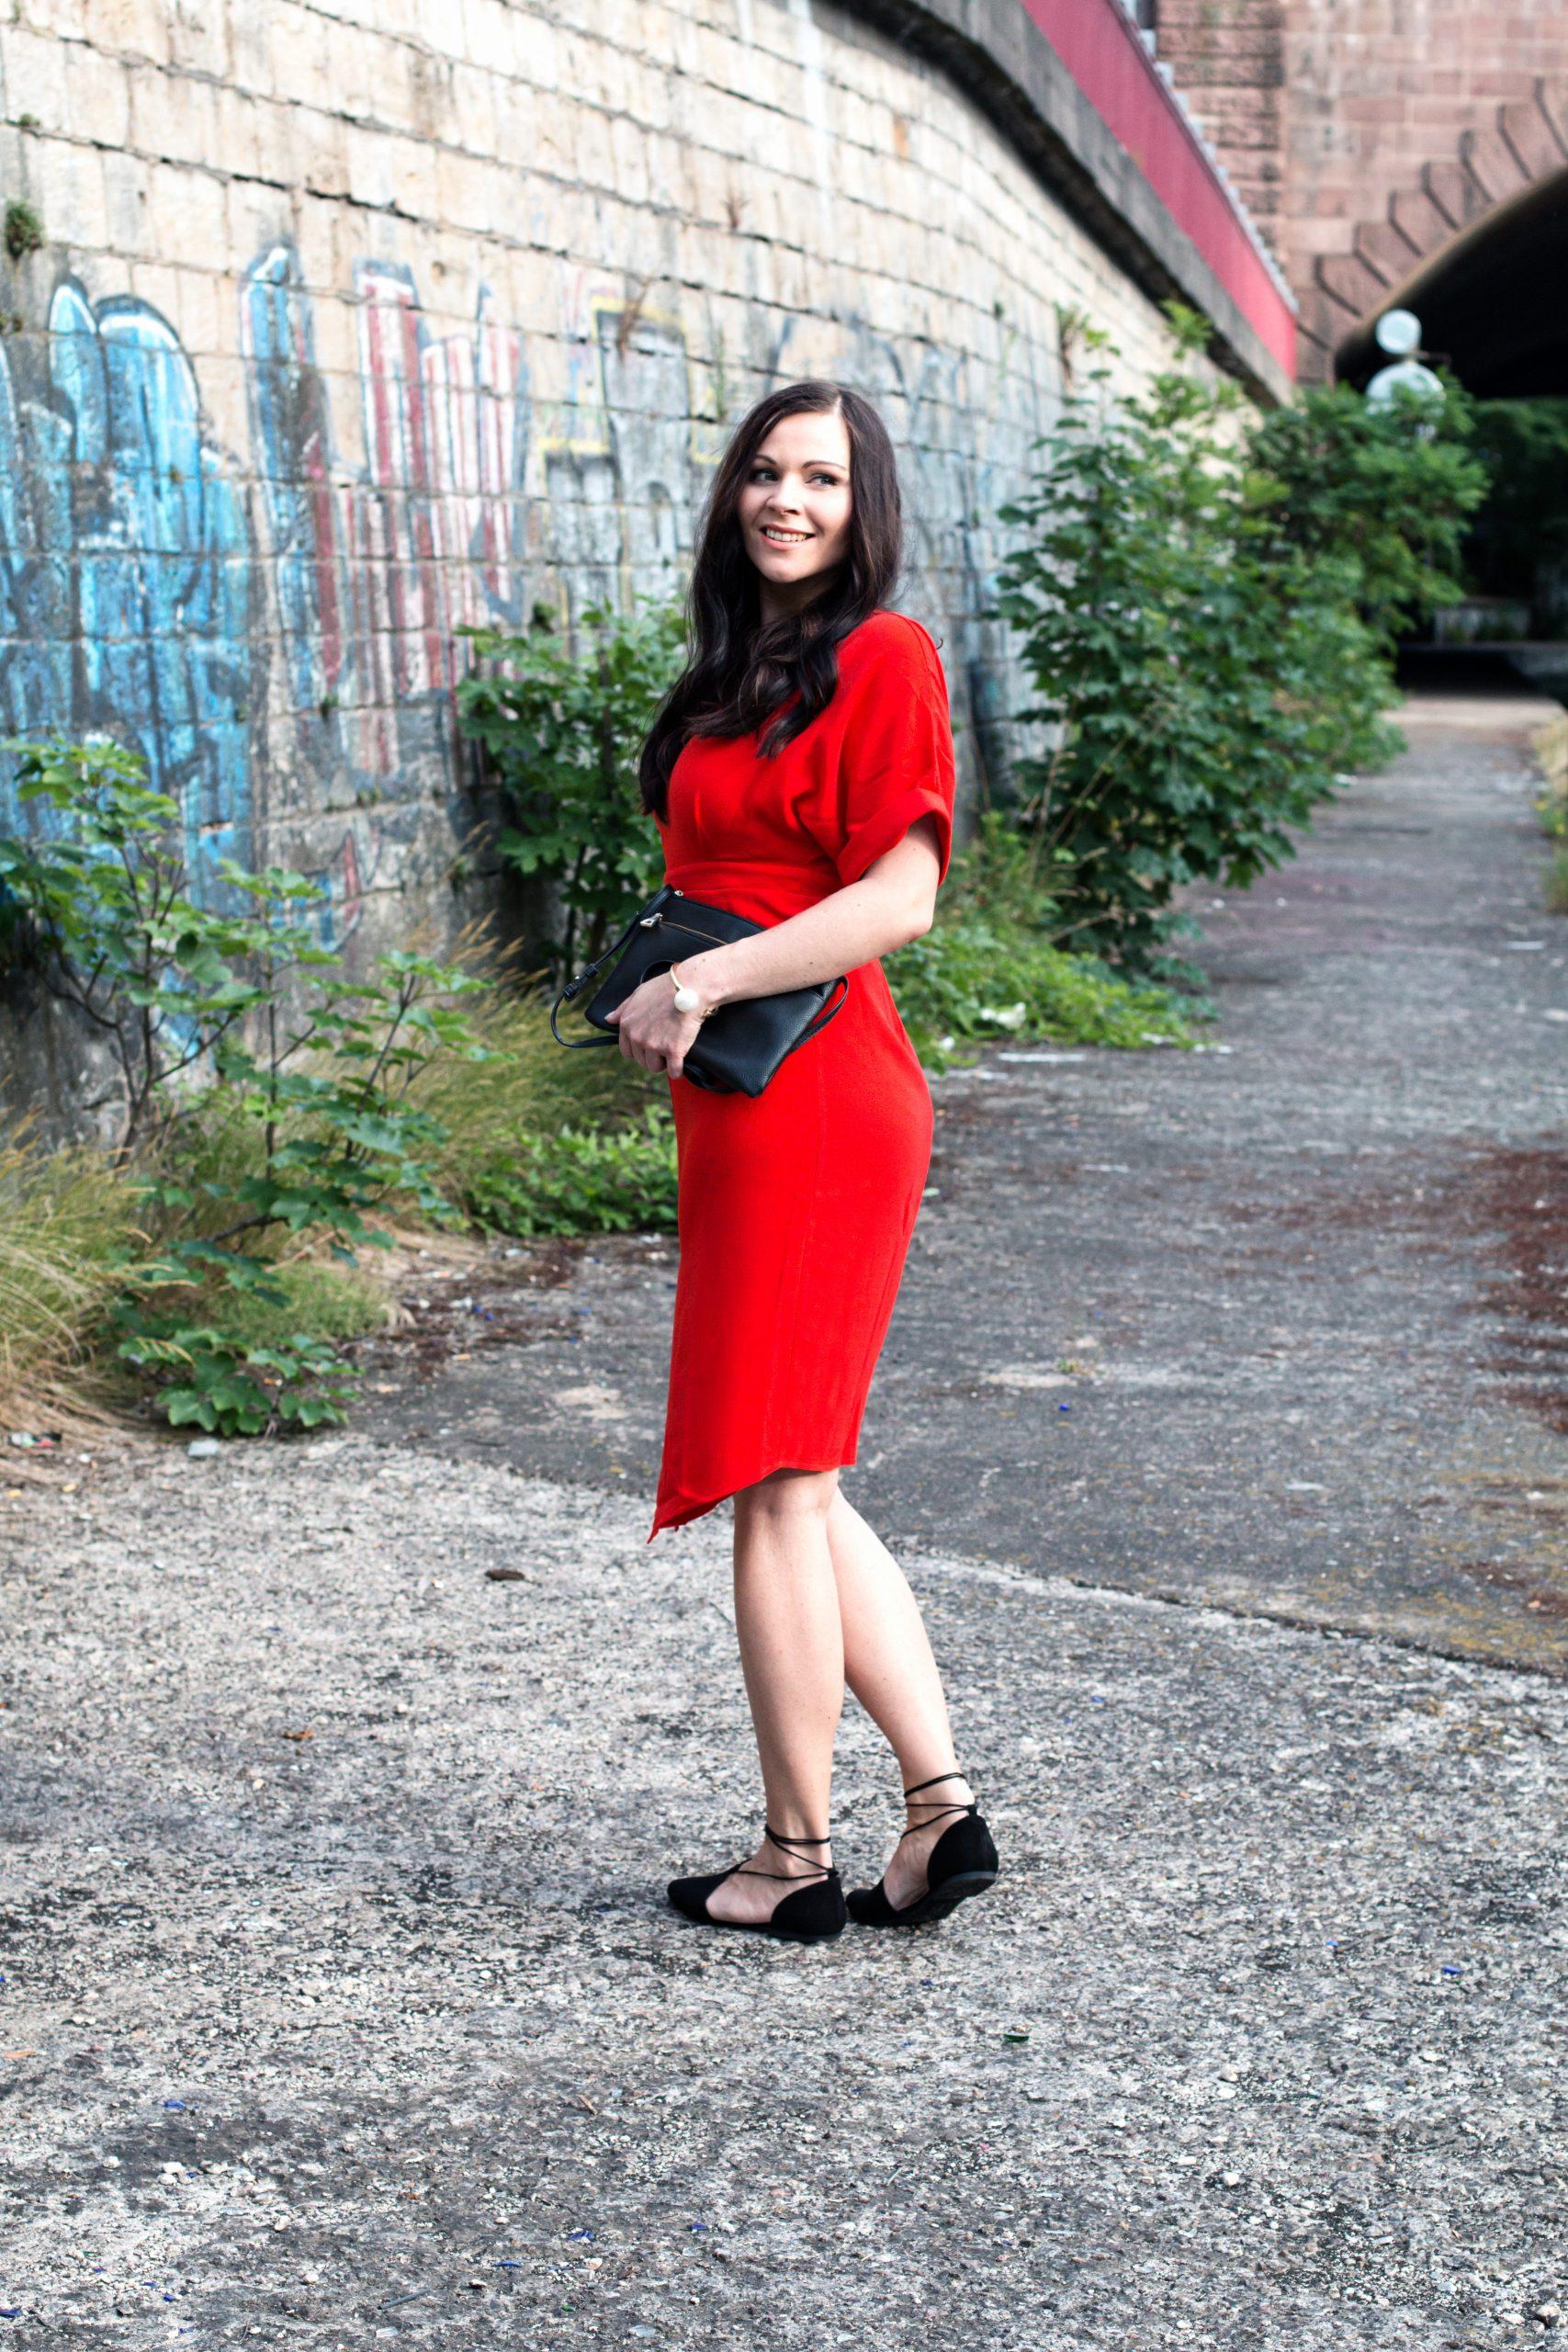 Abend Schön Zalando Rotes Abendkleid Stylish20 Schön Zalando Rotes Abendkleid Vertrieb